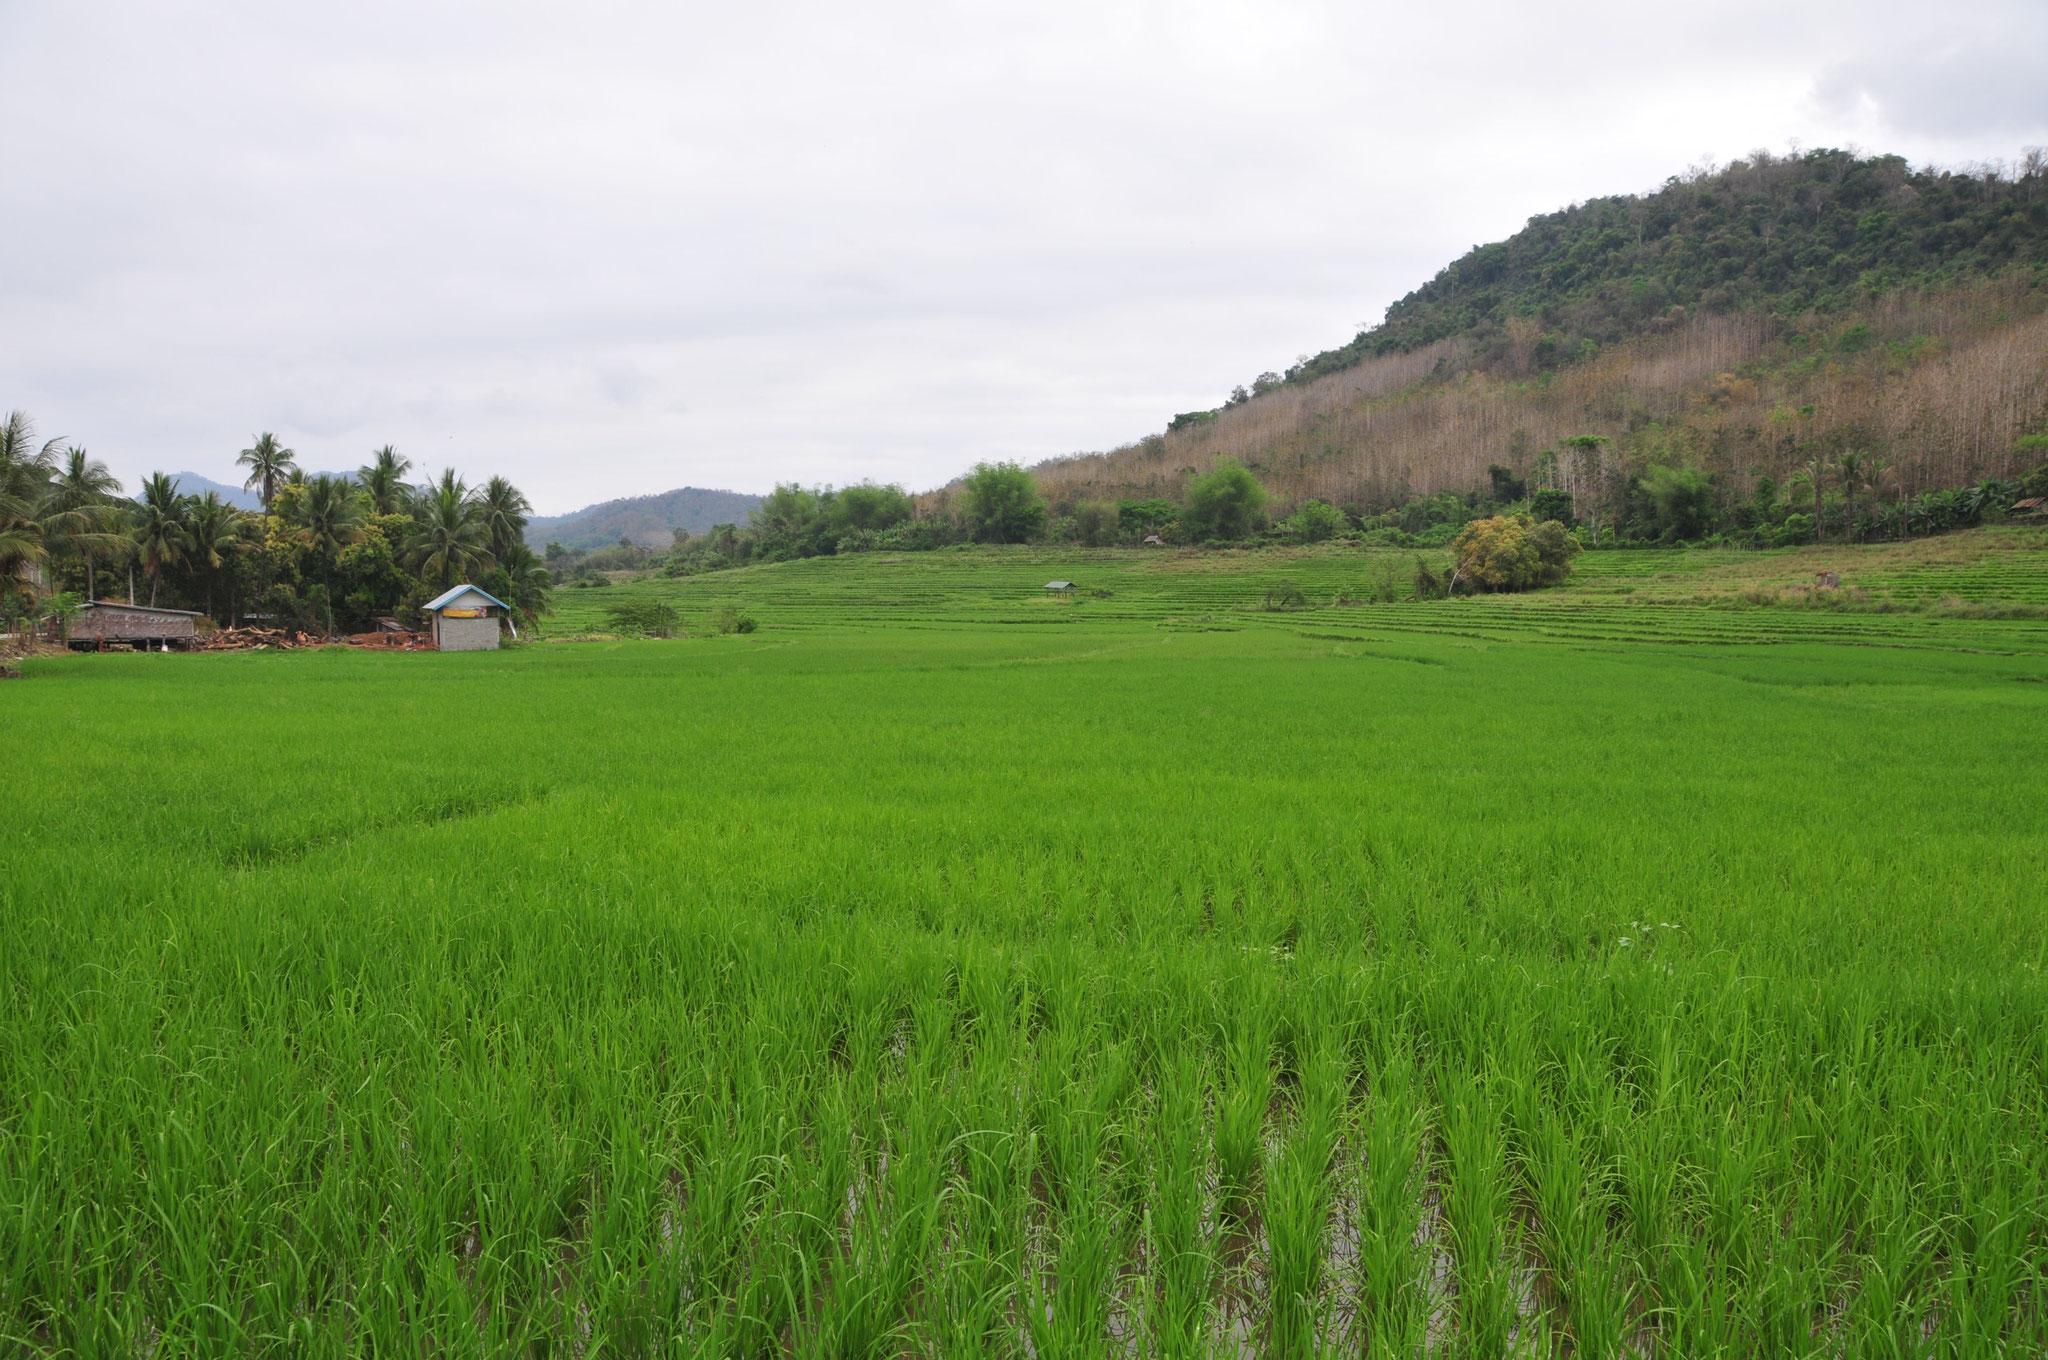 Das kräftige Grün der Reisfelder